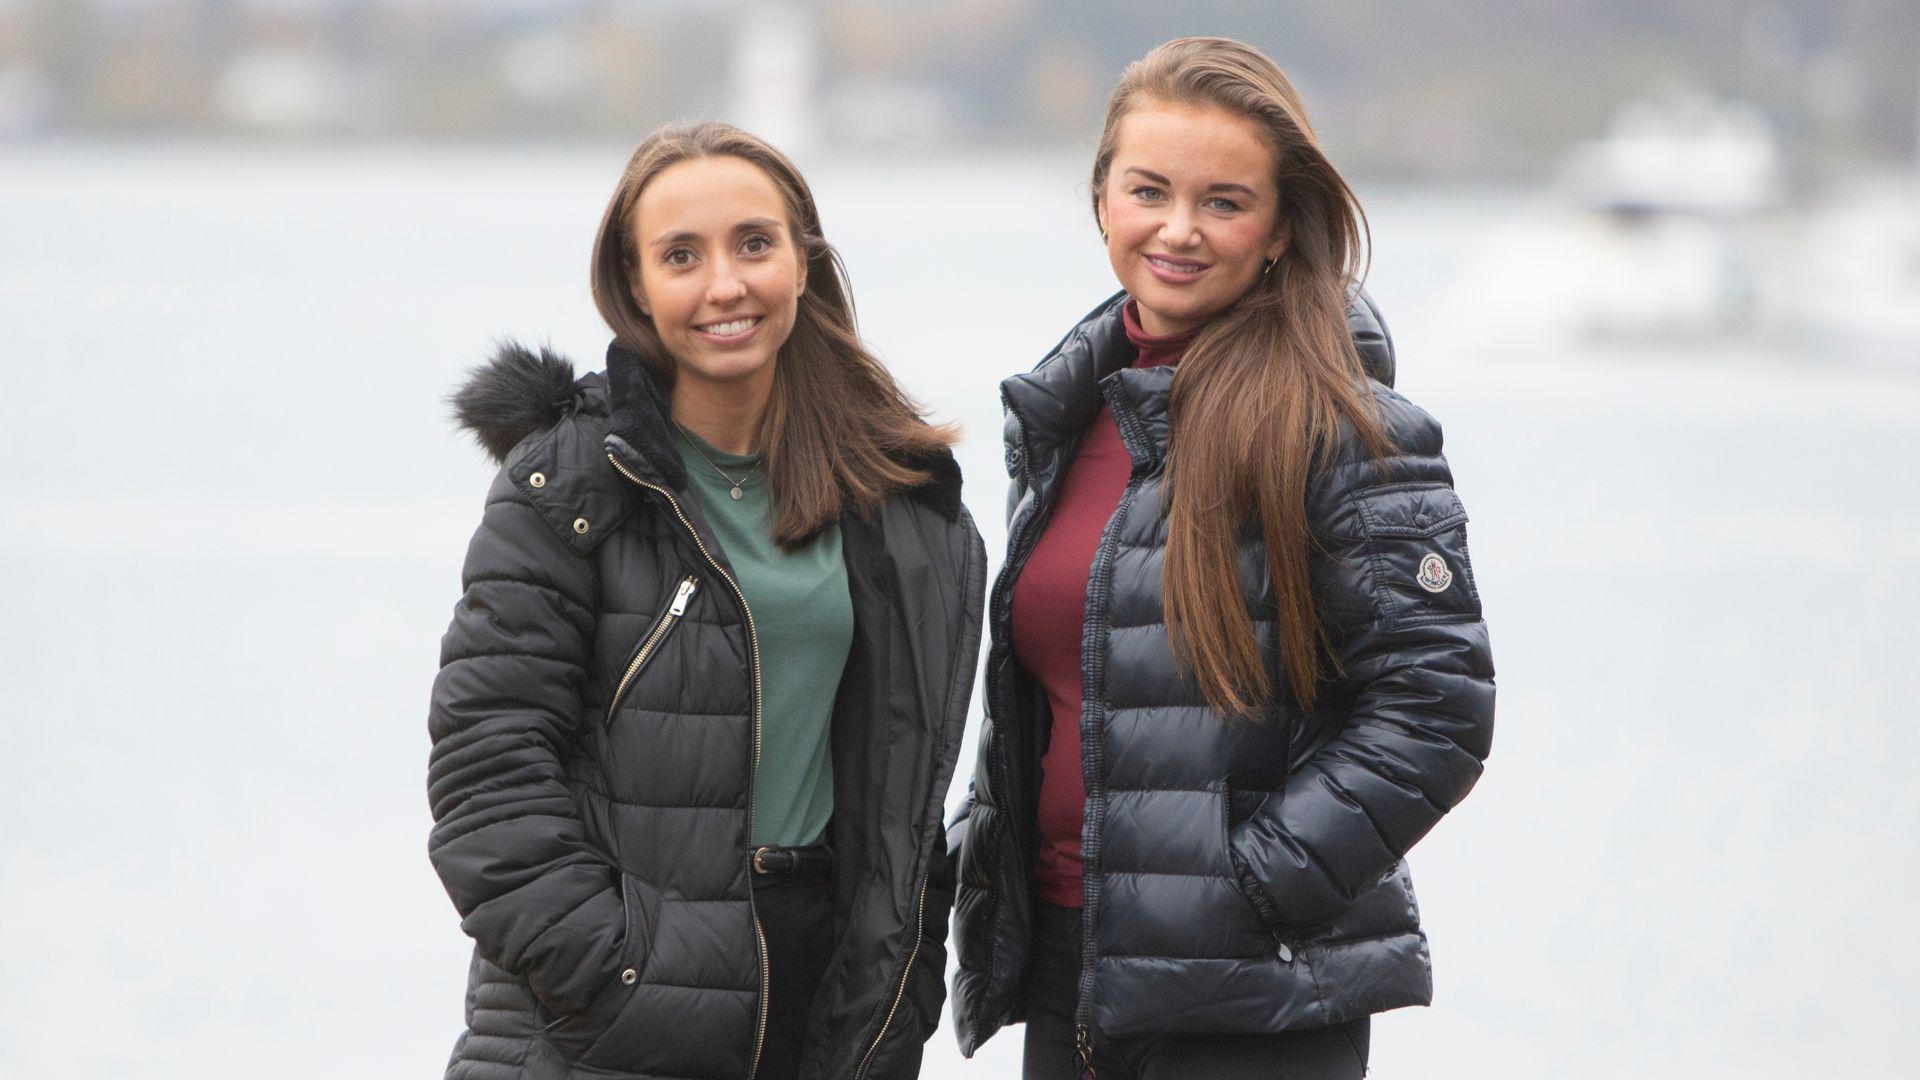 Hedvig og Susanne fullførte sine internship i 2016 og 2018. Nå jobber Hedvig som kvalitets- og risikostyringsleder i prosjekt Nytt Nasjonalmuseum, og Susanne er i ferd med å starte på en masteroppgave om enøk-tiltak på Arkitekthøgskolen.